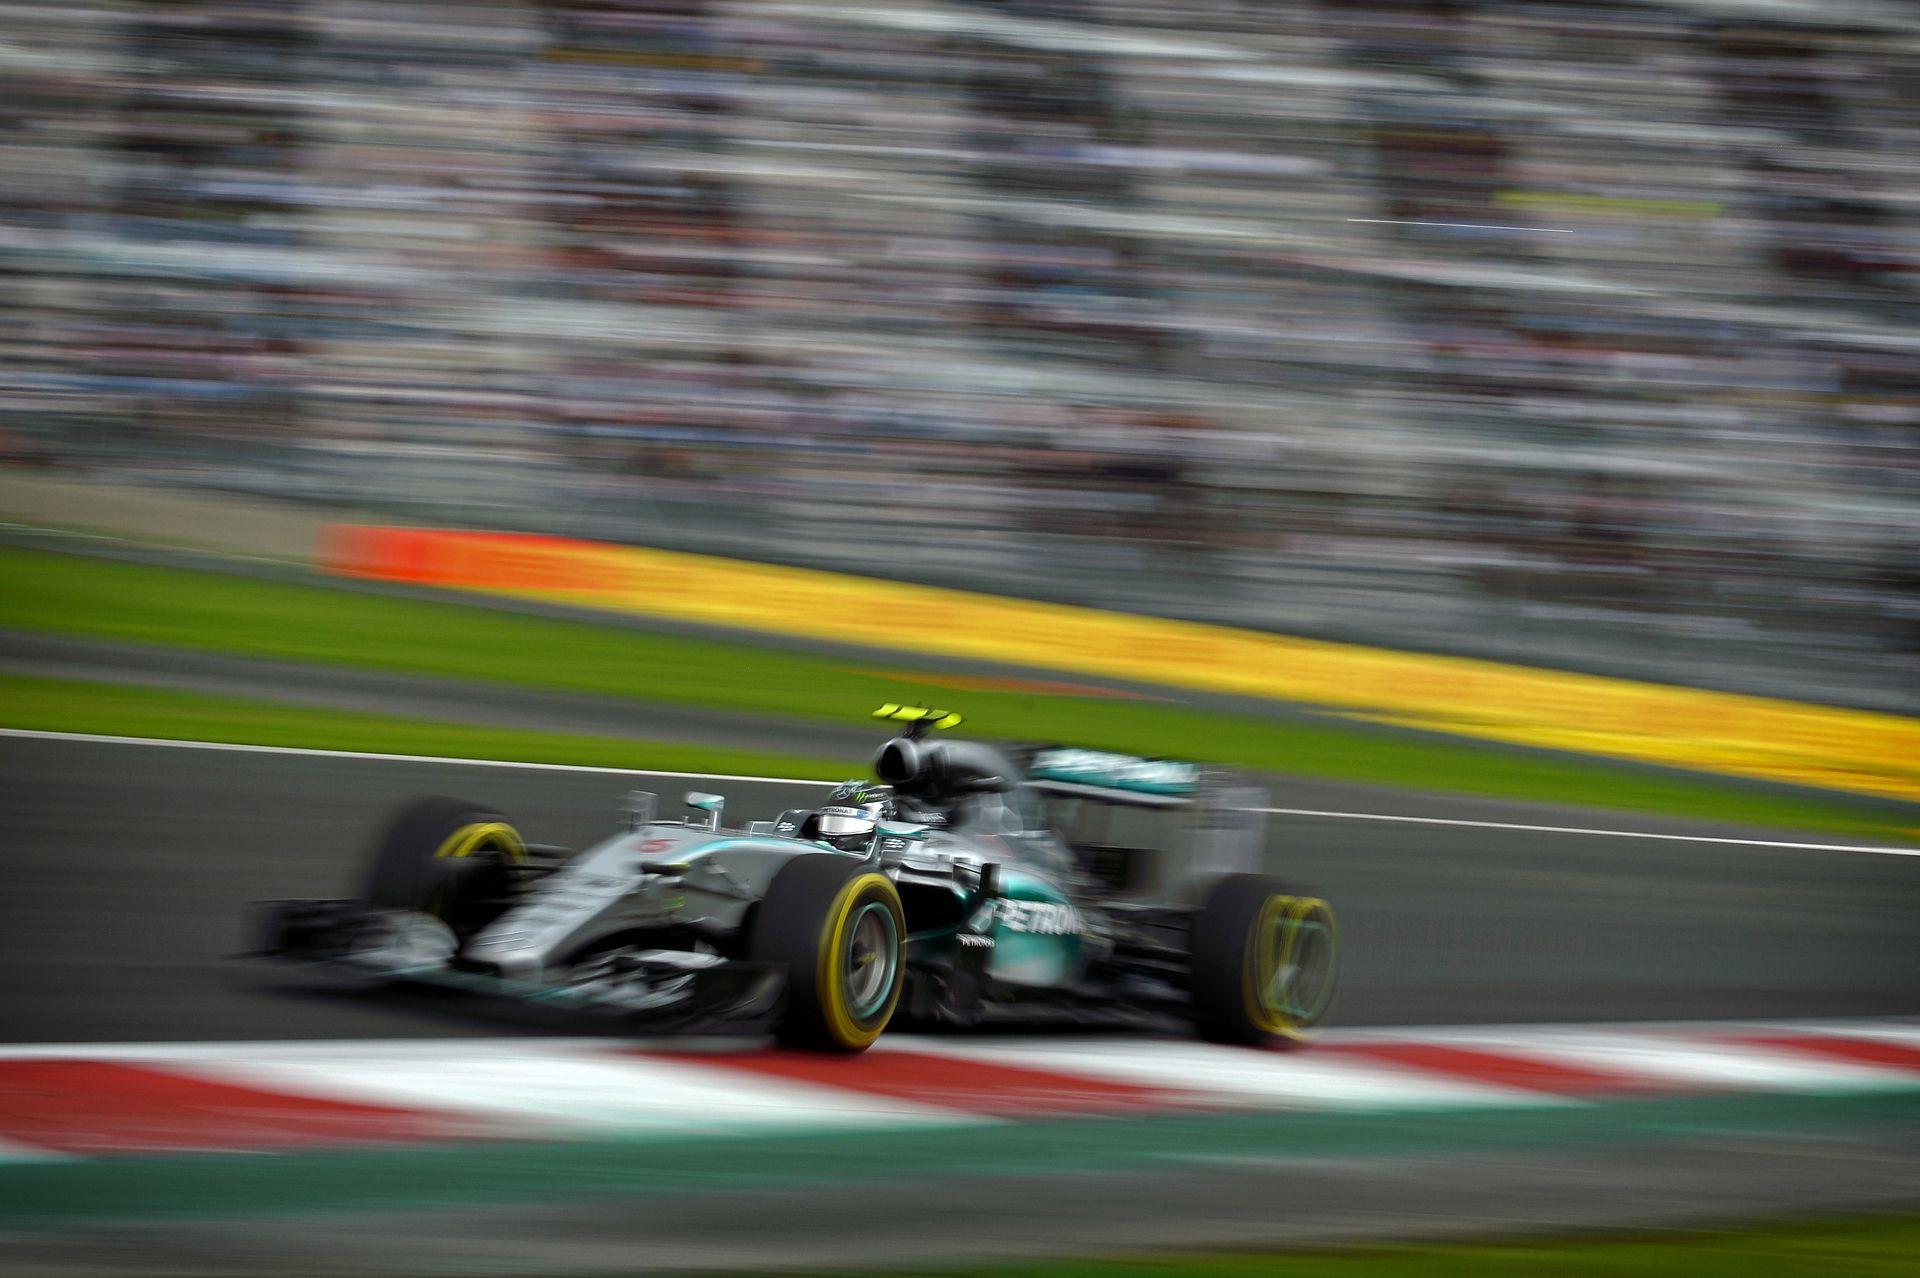 Rosberg finoman jelezte, hogy csak egy Ferrarival kell küzdenie holnap